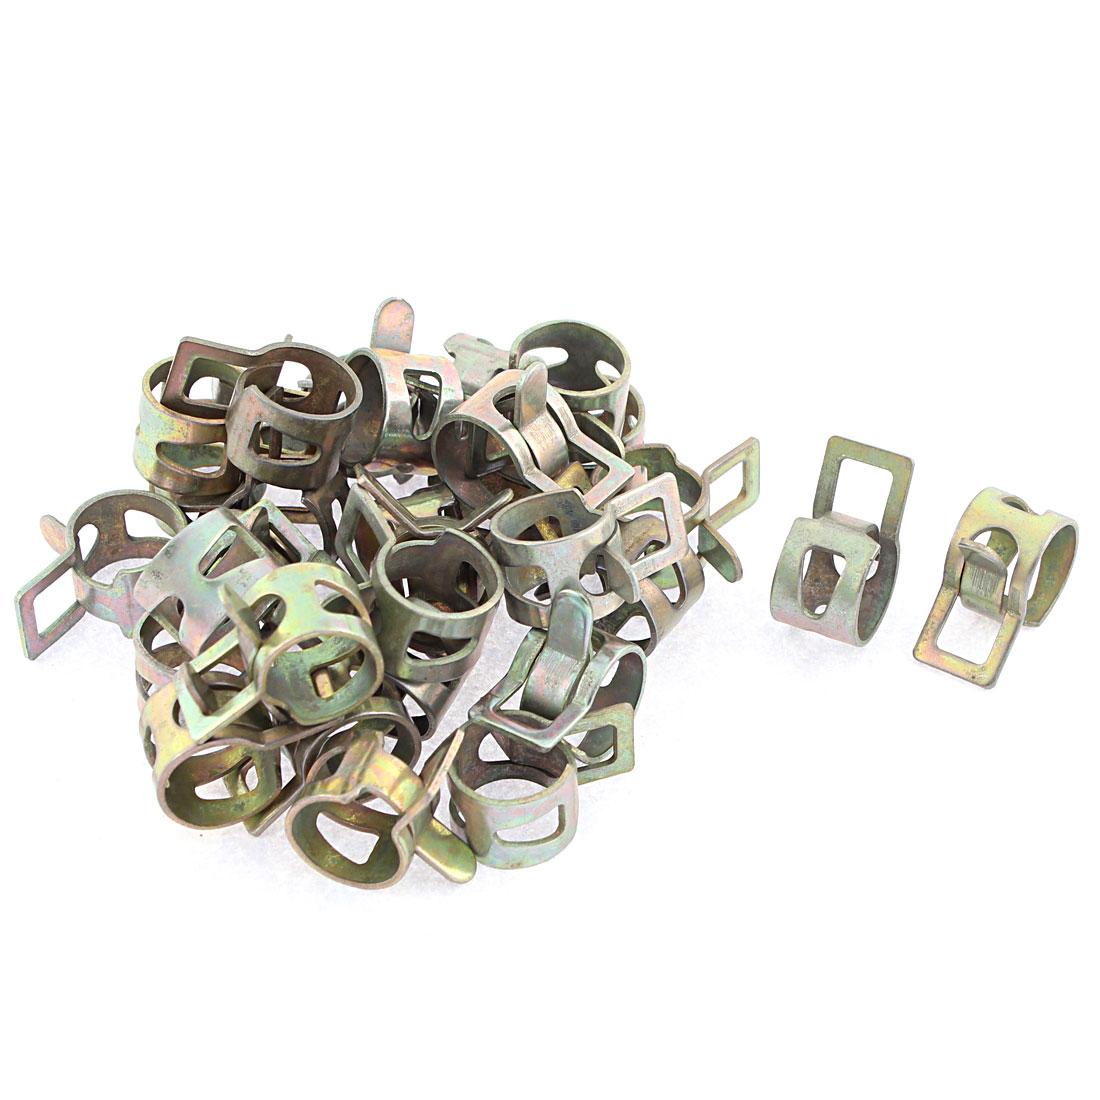 30 Pcs Bronze Tone 14mm Dia Vacuum Spring Hose Clip Clamp